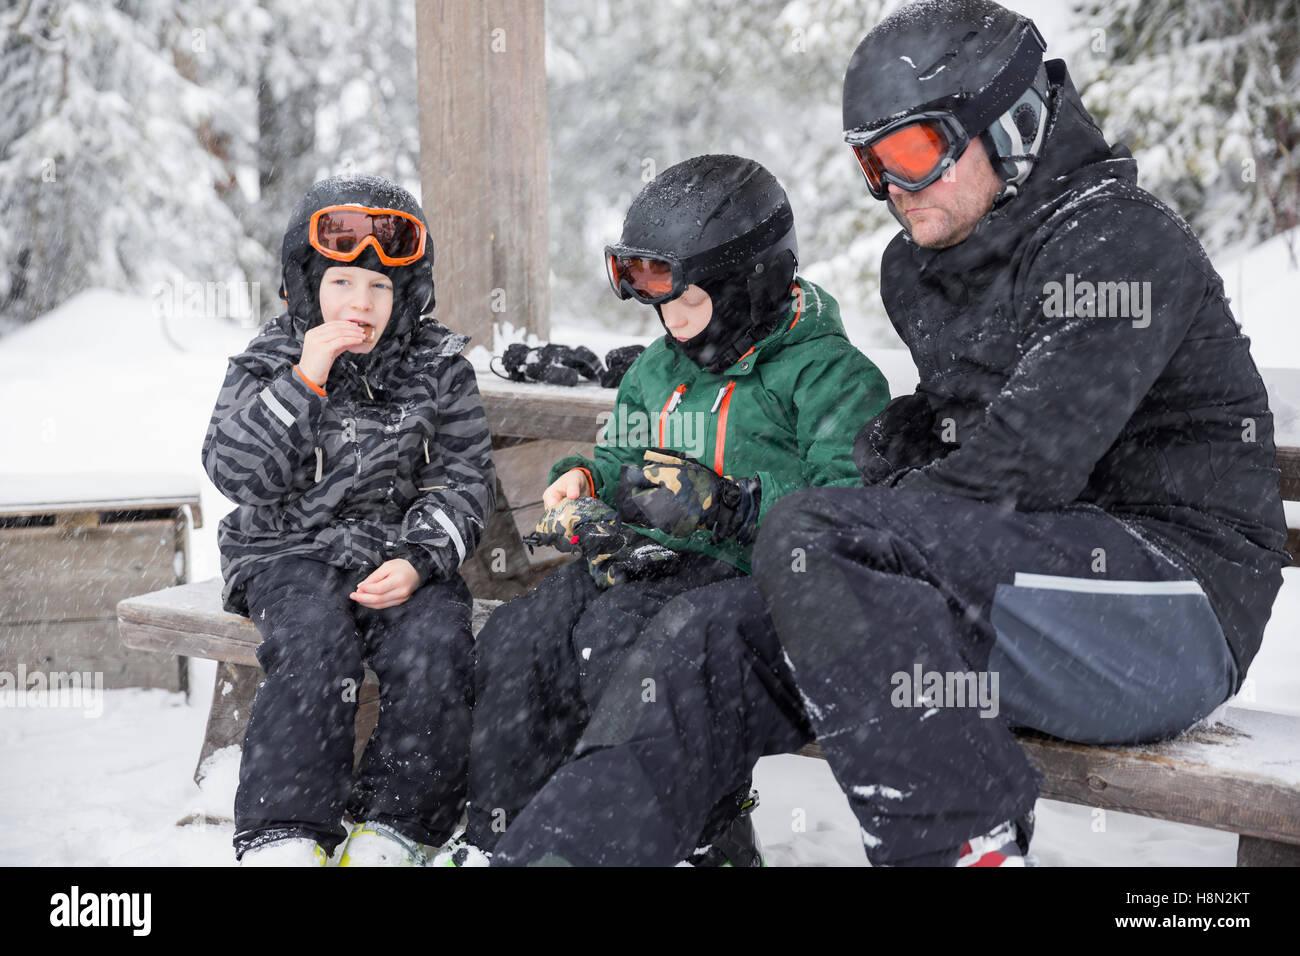 Hombre maduro y muchachos (6-7, 8-9) con cascos y gafas sentado en un banco, rodeado por el paisaje de invierno Imagen De Stock